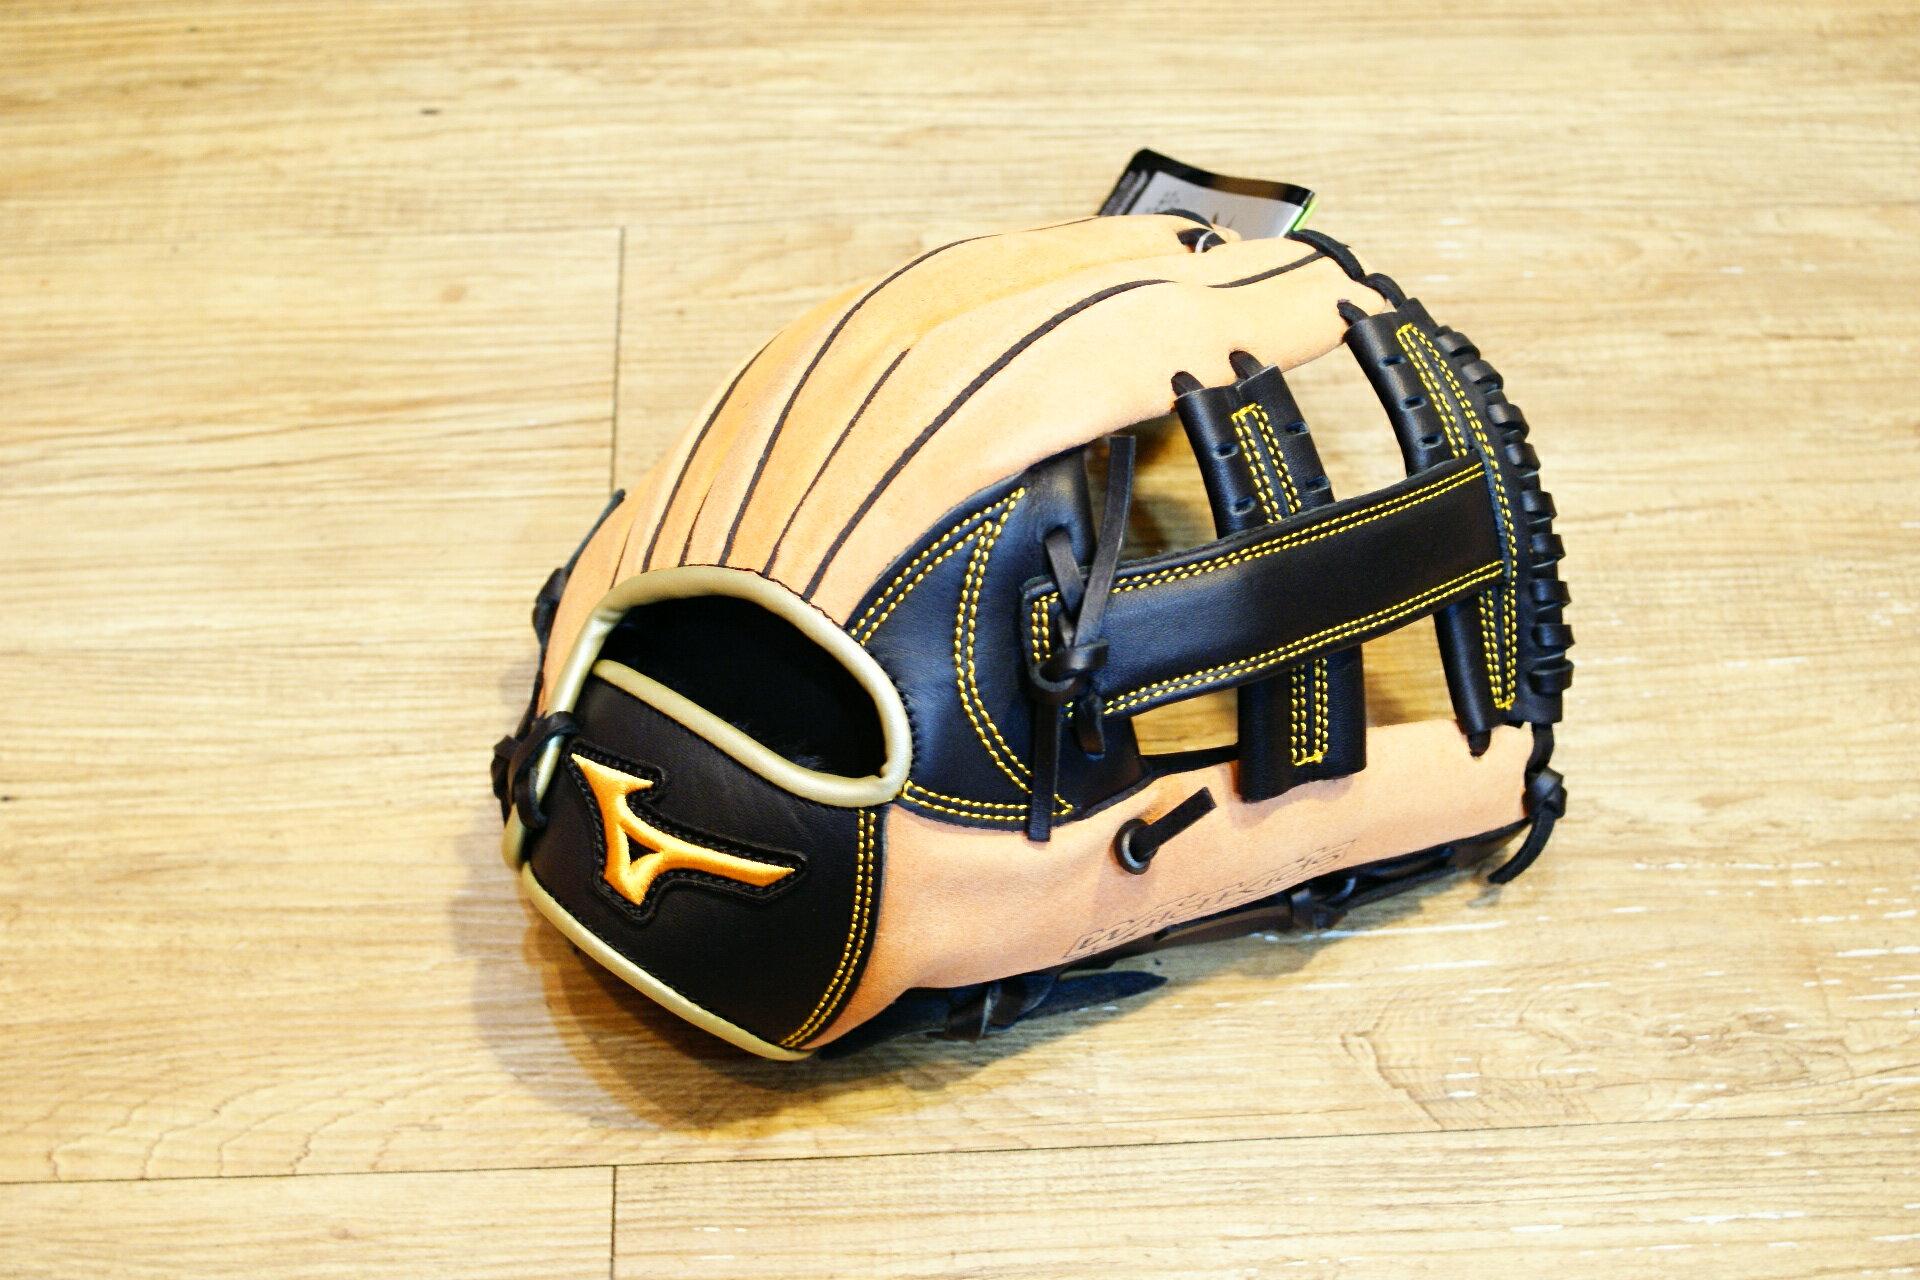 棒球世界 2015年 Mizuno美津濃 WILD KIDS 少年用手套特價 十字款